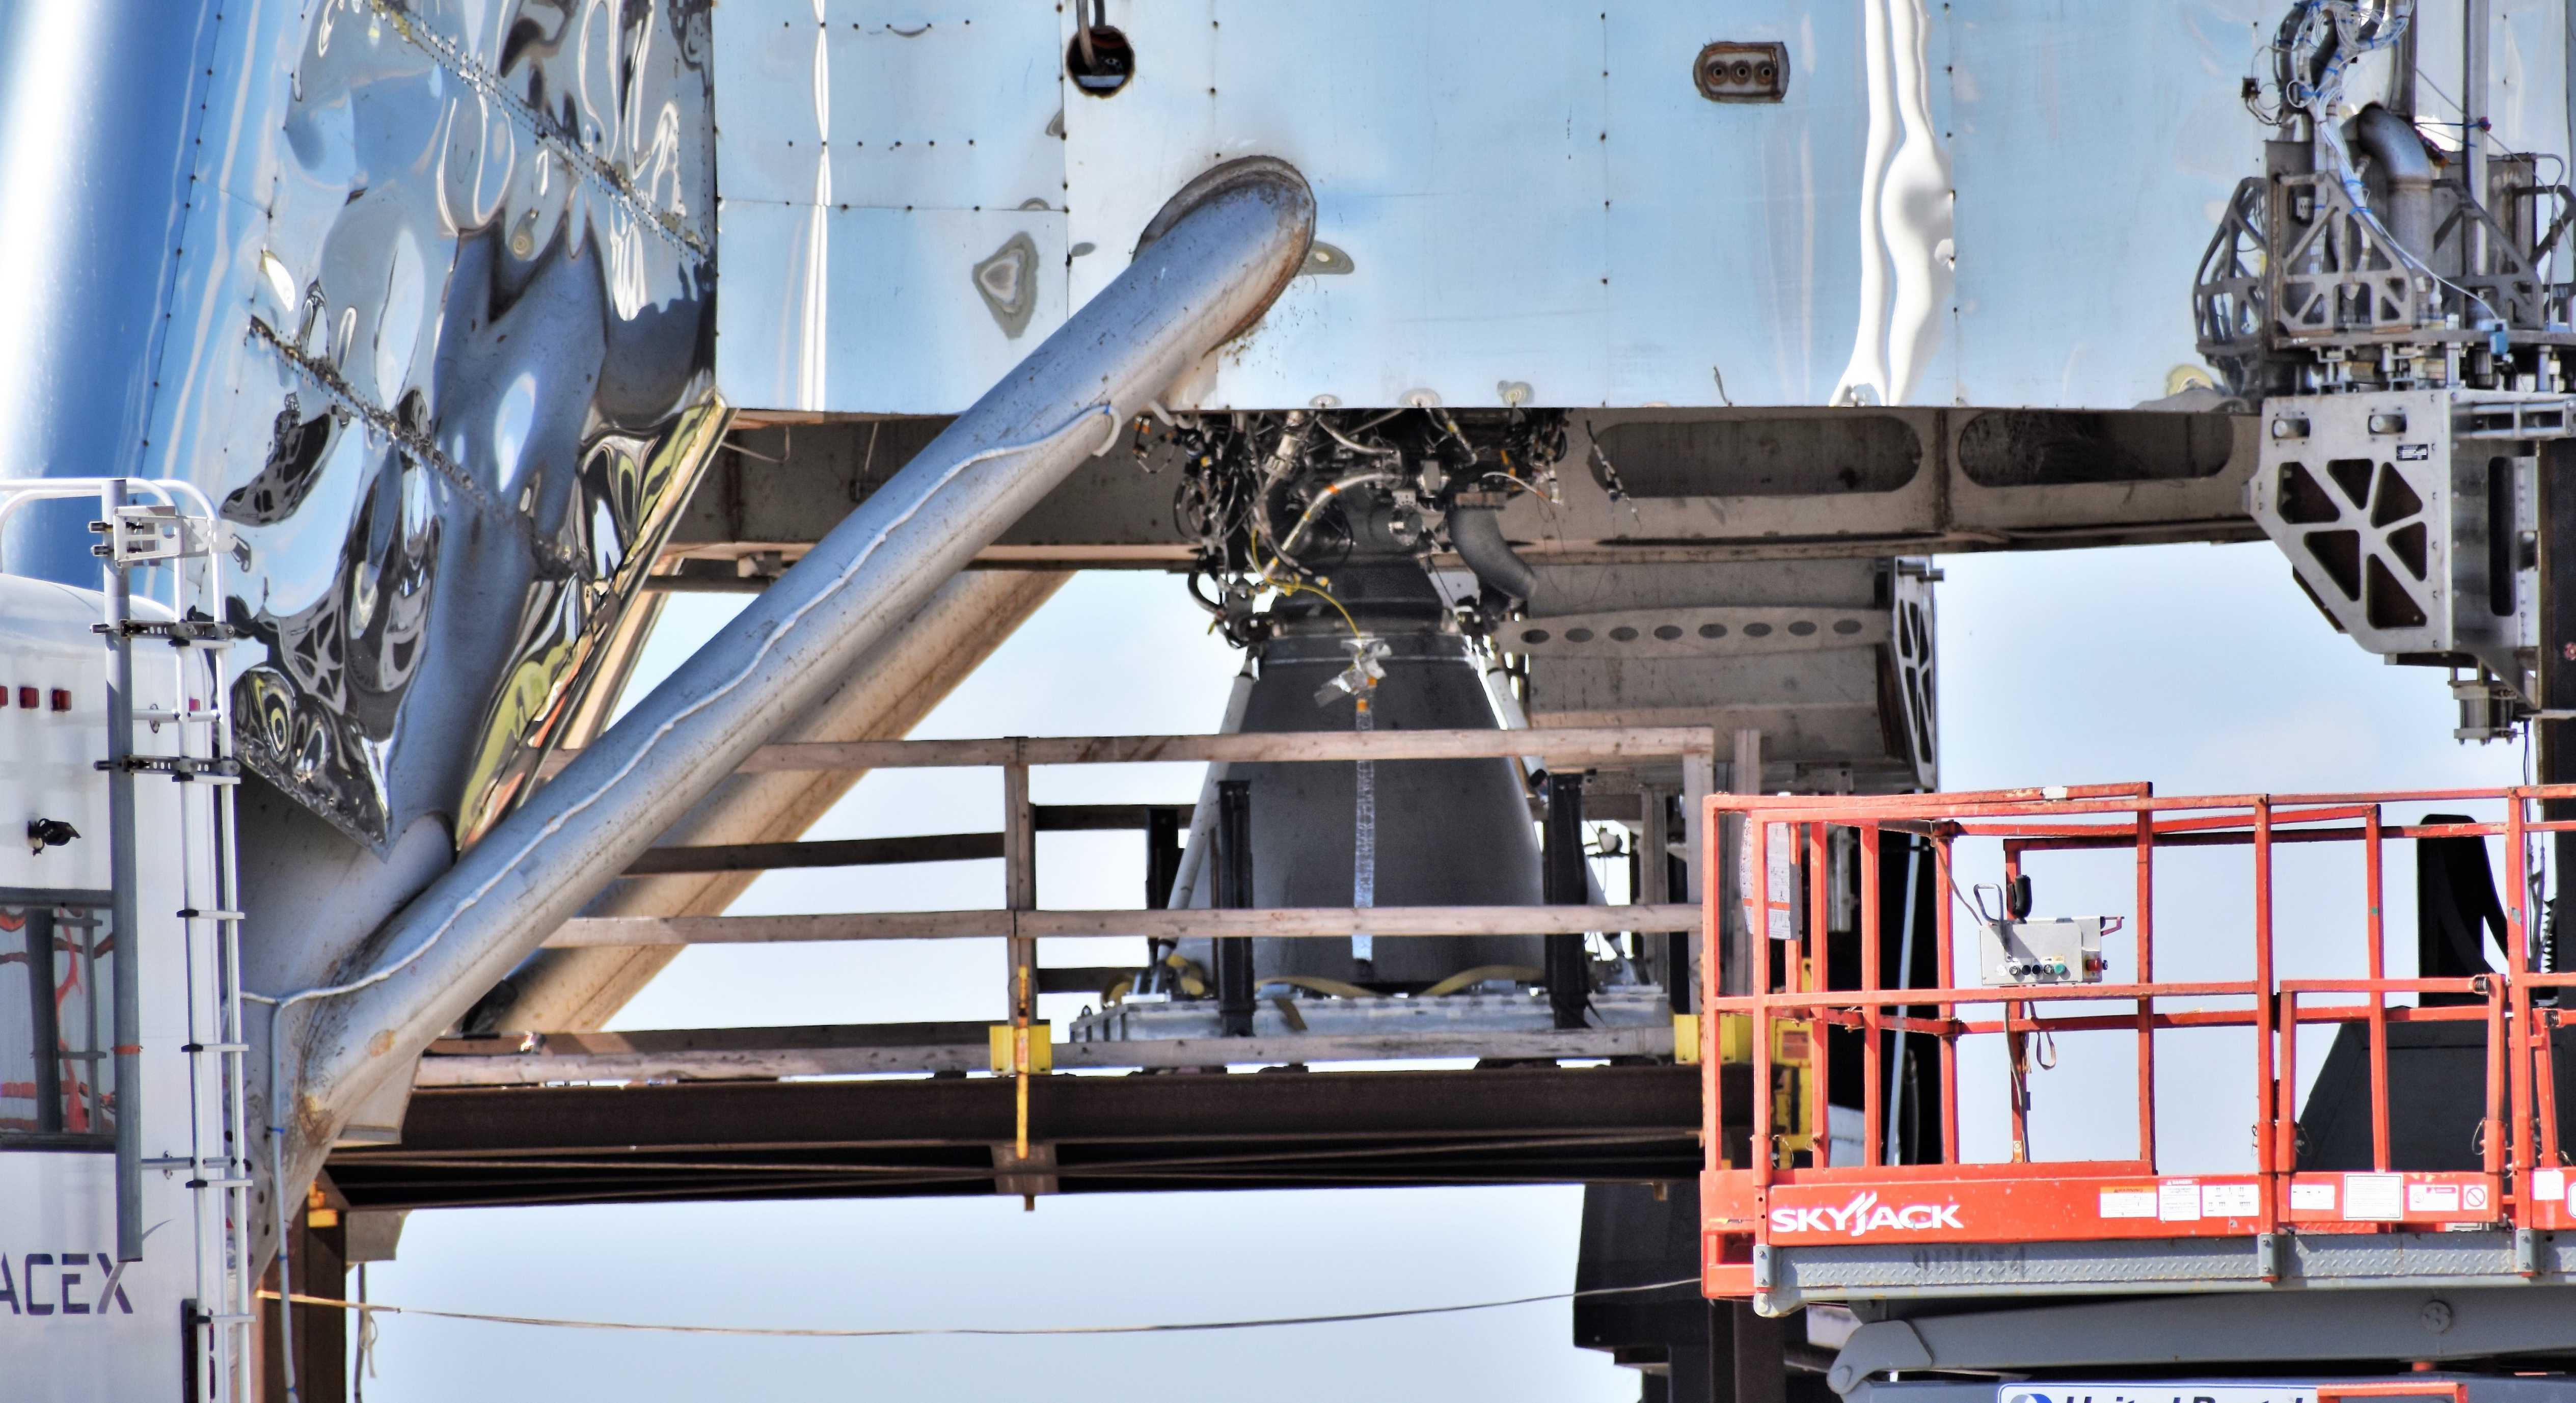 Boca Chica Starhopper Raptor SN06 installation 071119 (NASASpaceflight- bocachicagal) 2 crop (c)